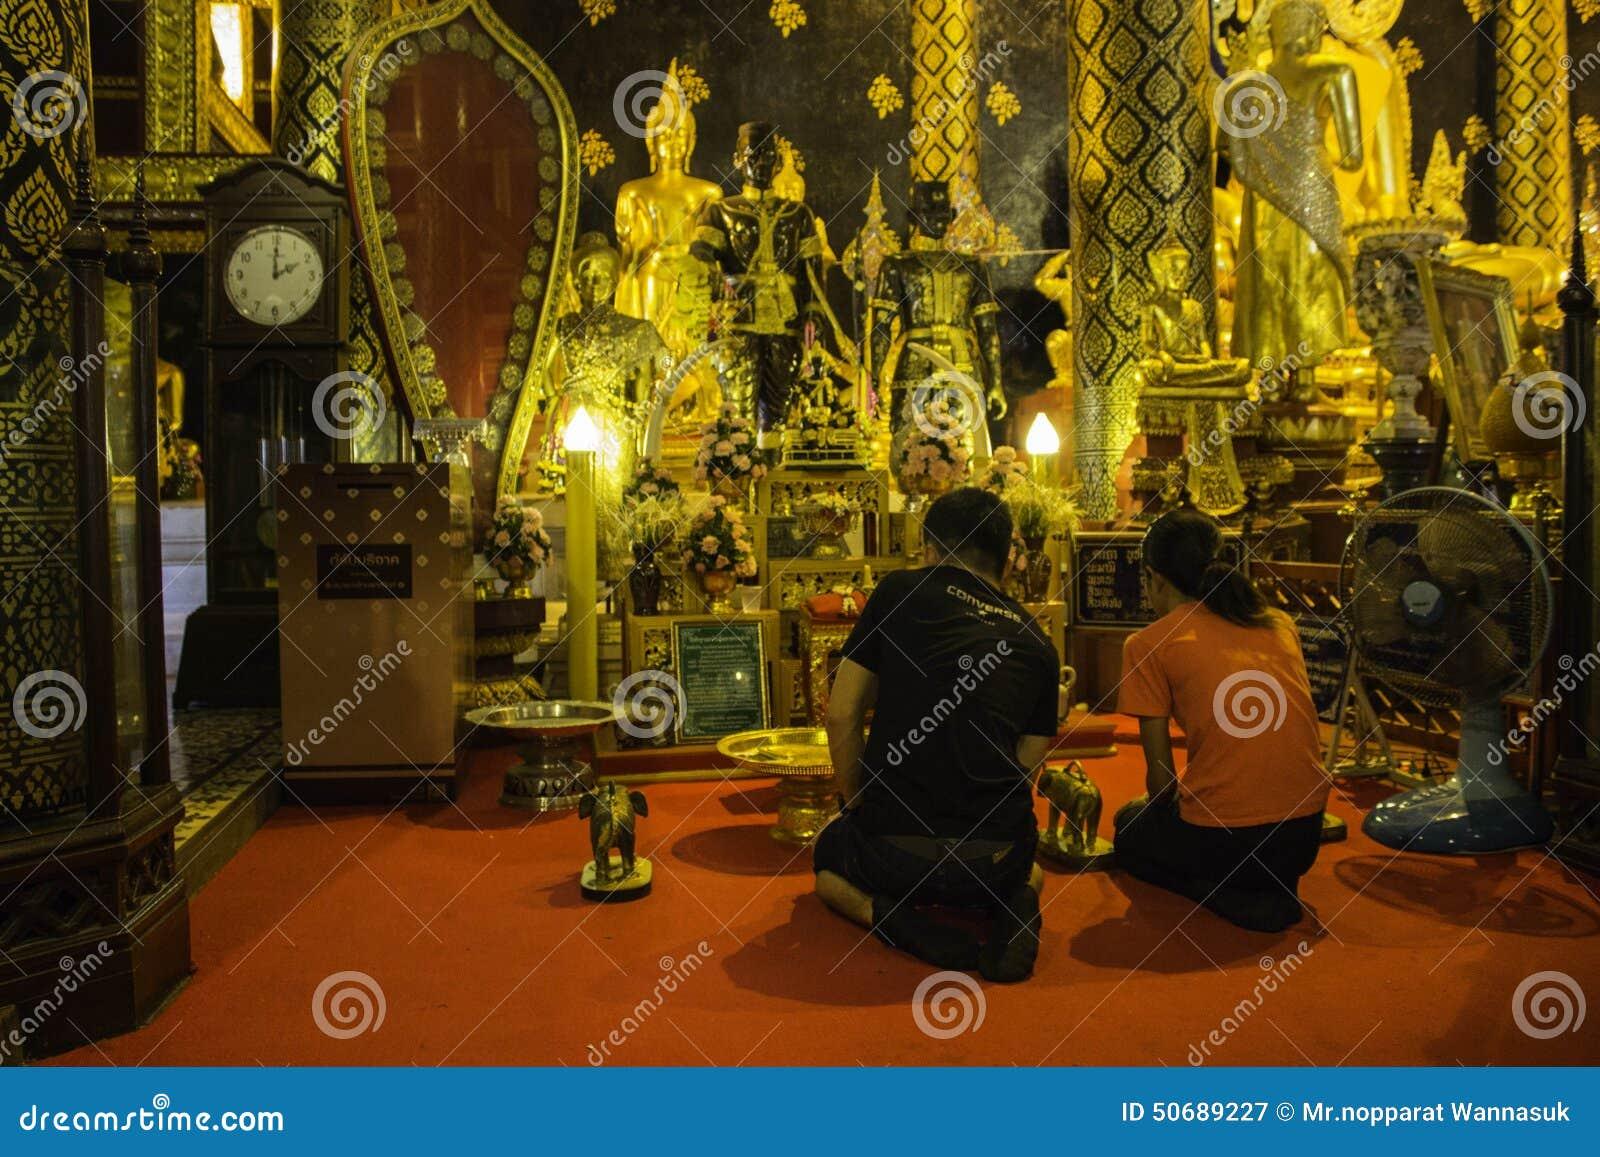 Download 教堂和泰国的寺庙艺术 图库摄影片. 图片 包括有 ,并且, 木头, 忠实, 艺术, 工艺, 教士, 旅行 - 50689227